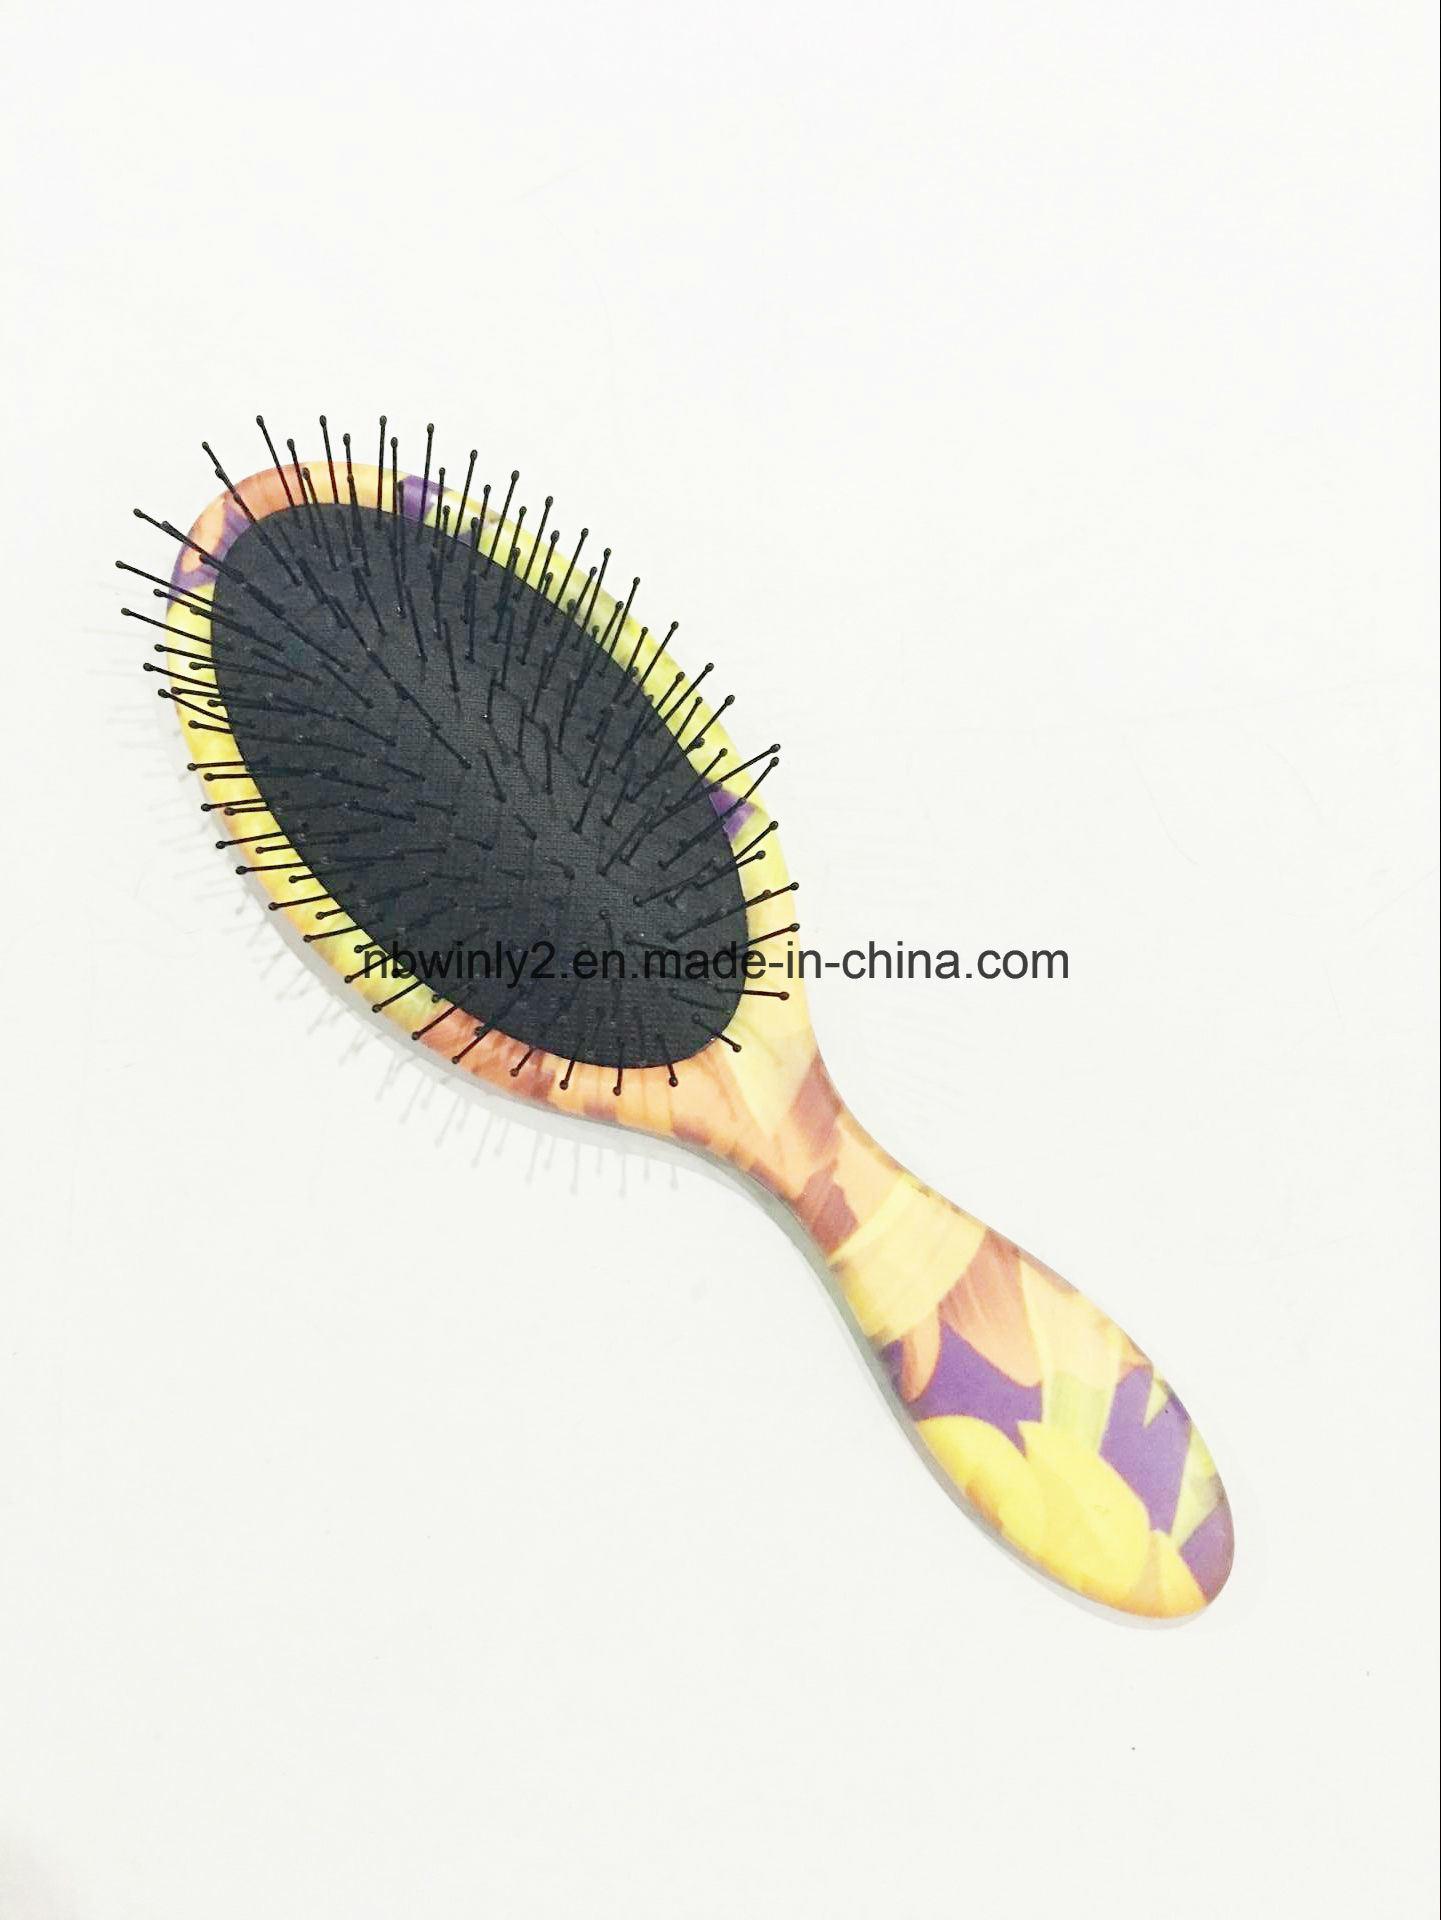 Metal Pin Mini Plastic Hair Brush